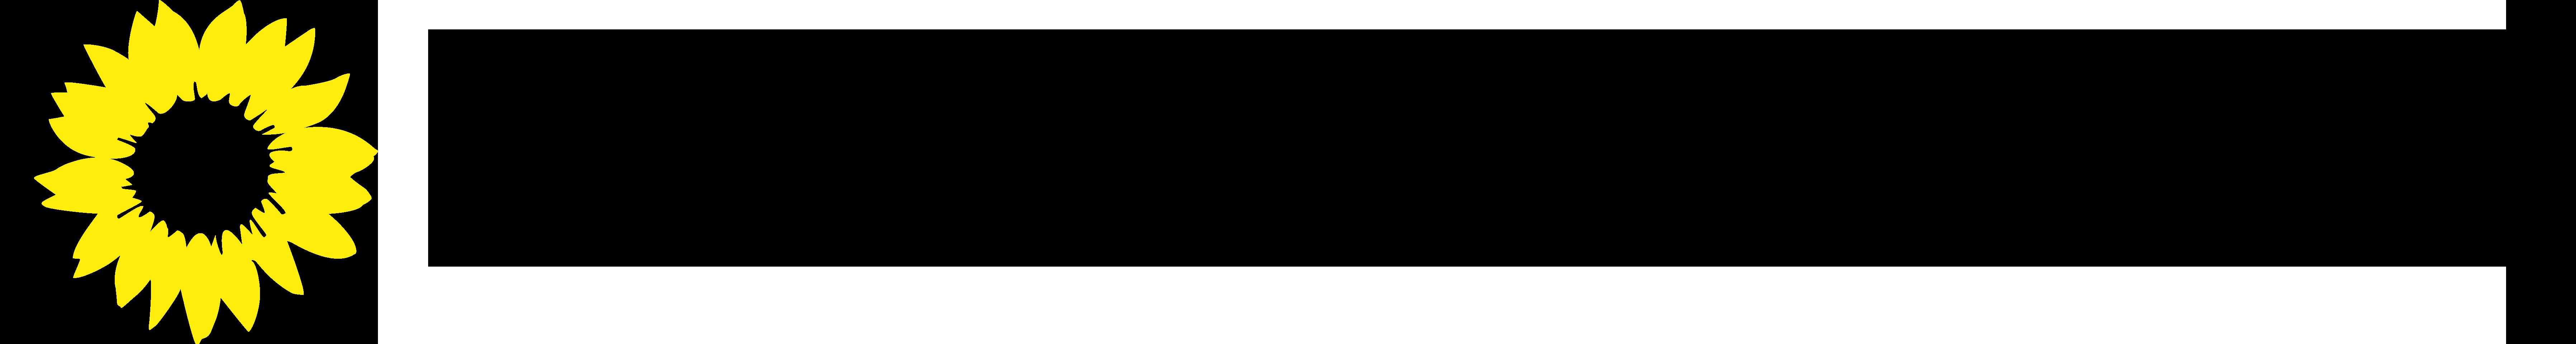 Farid Müller - Für Mitte im Rathaus - Logo